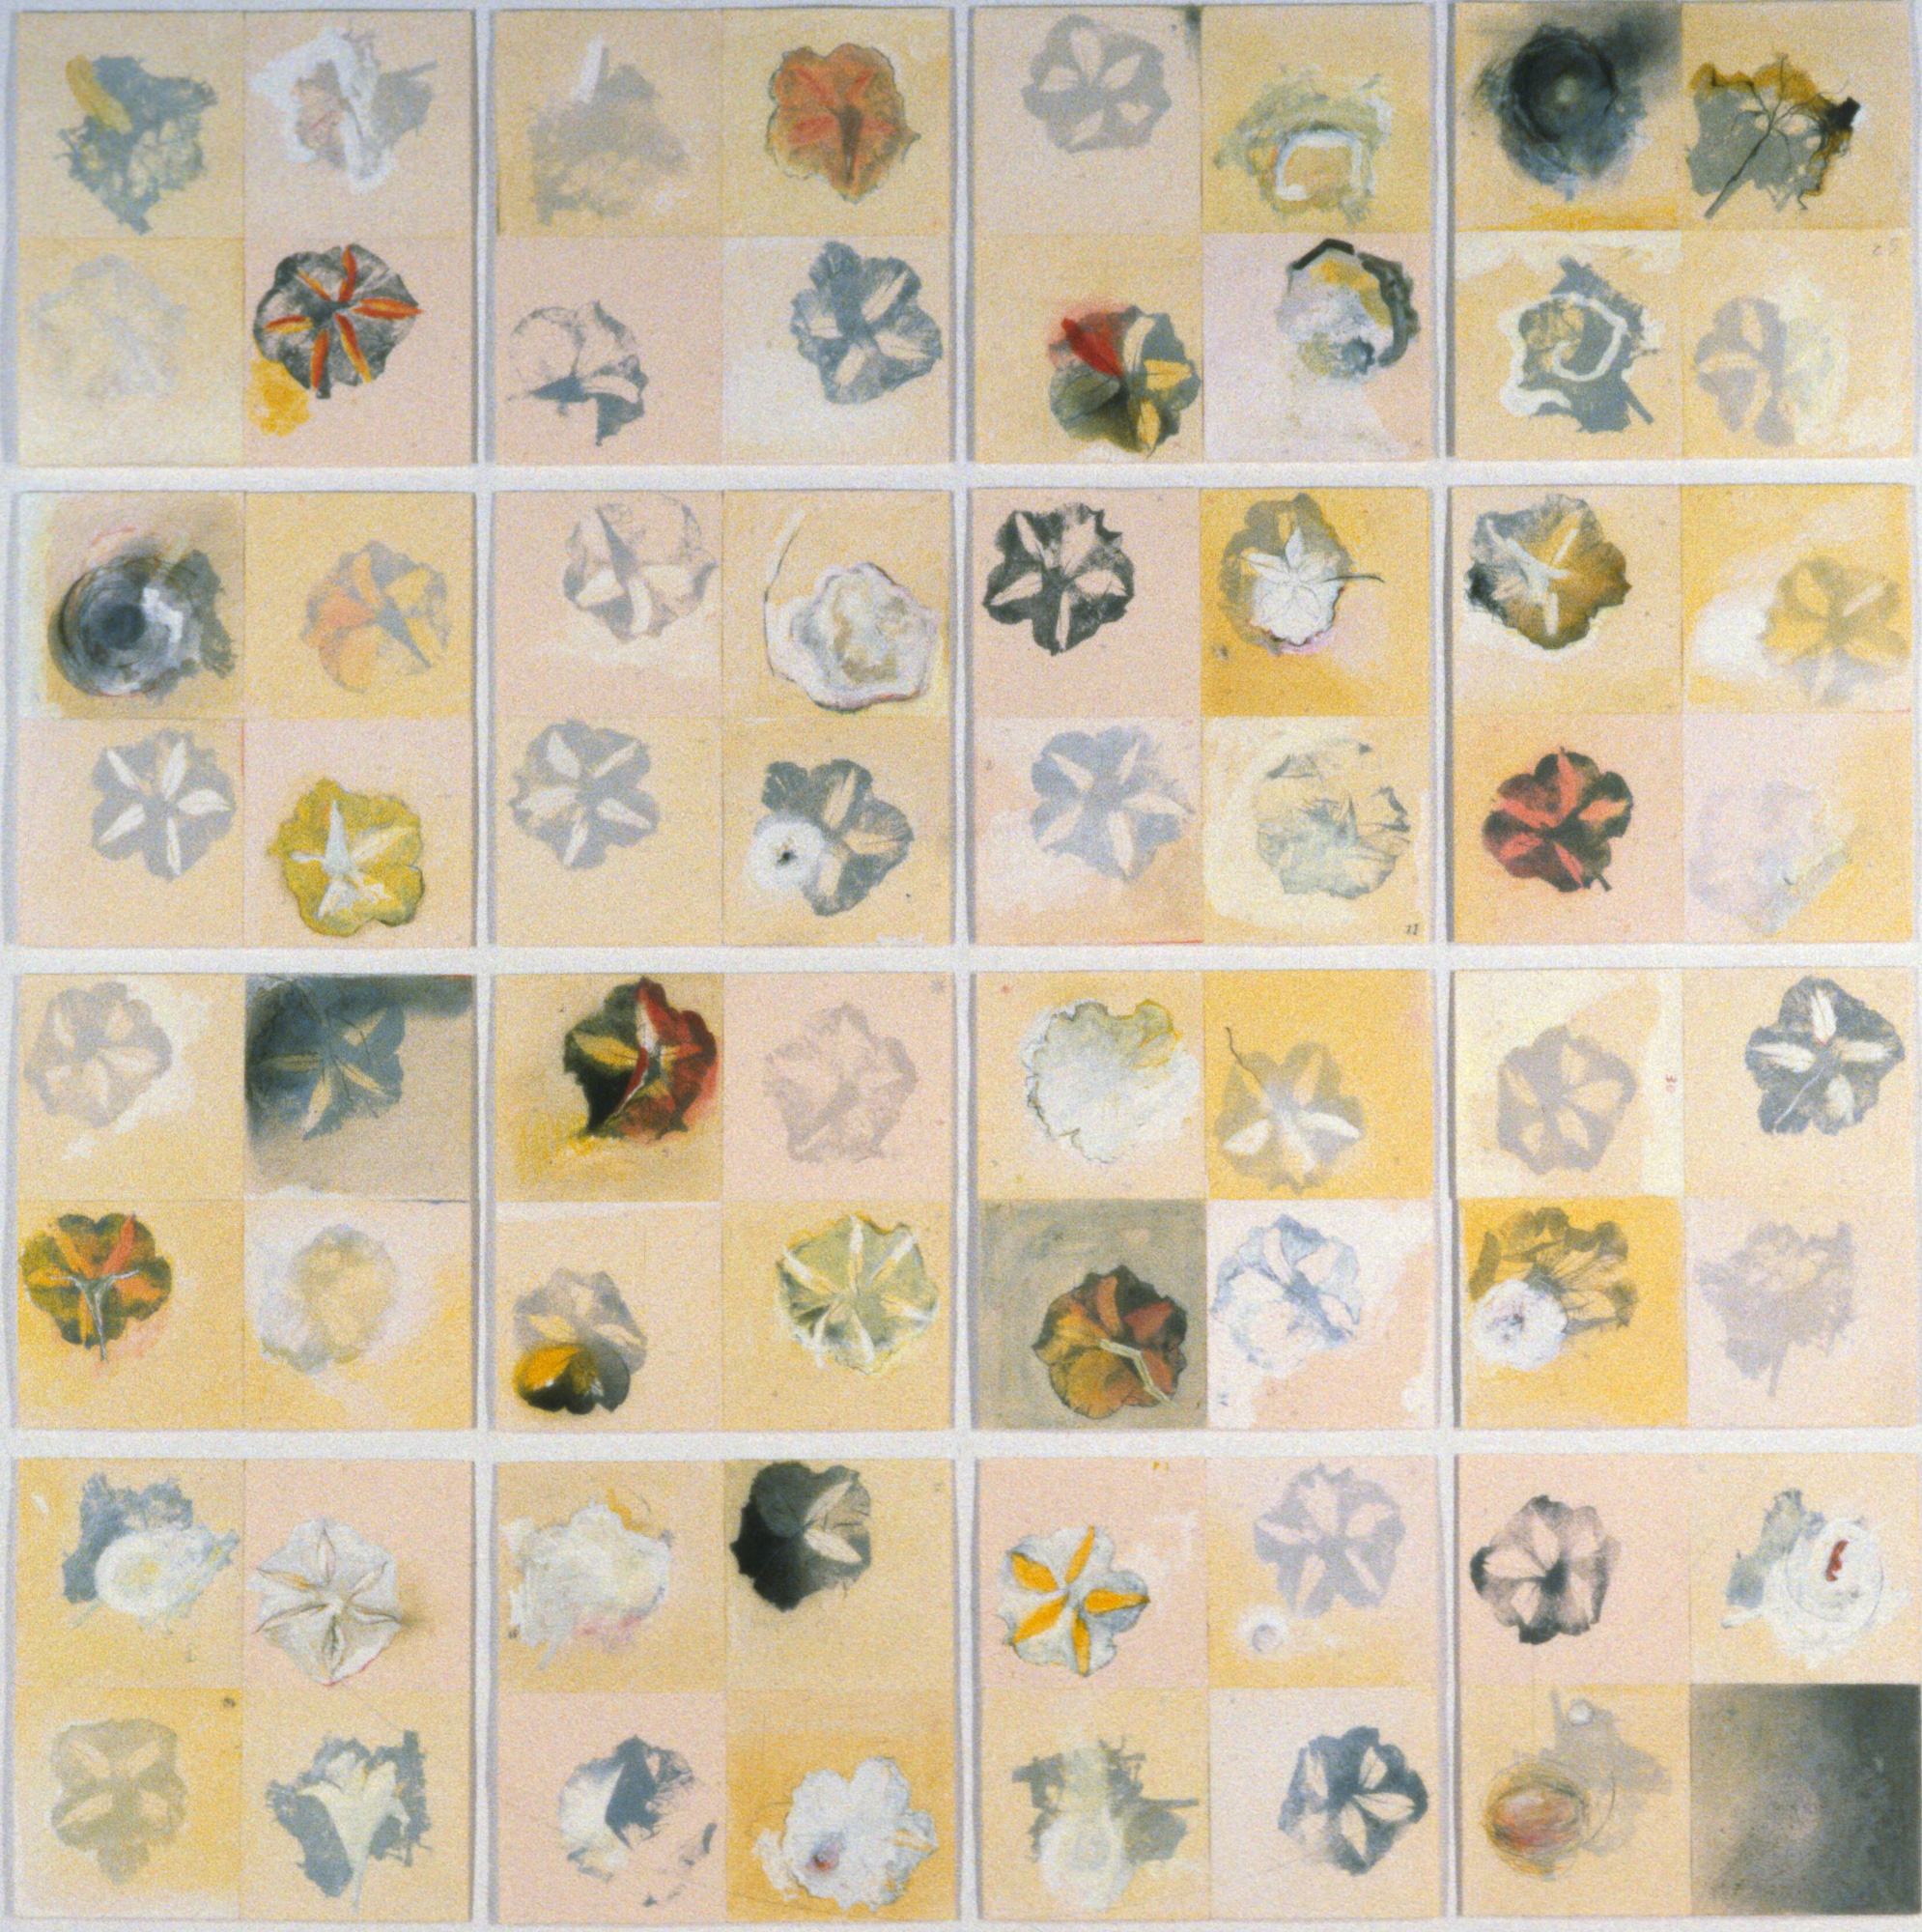 Le corps-étoiles, 1996. Lithographie et techniques mixtes sur papier, 210 cm x 210 cm.